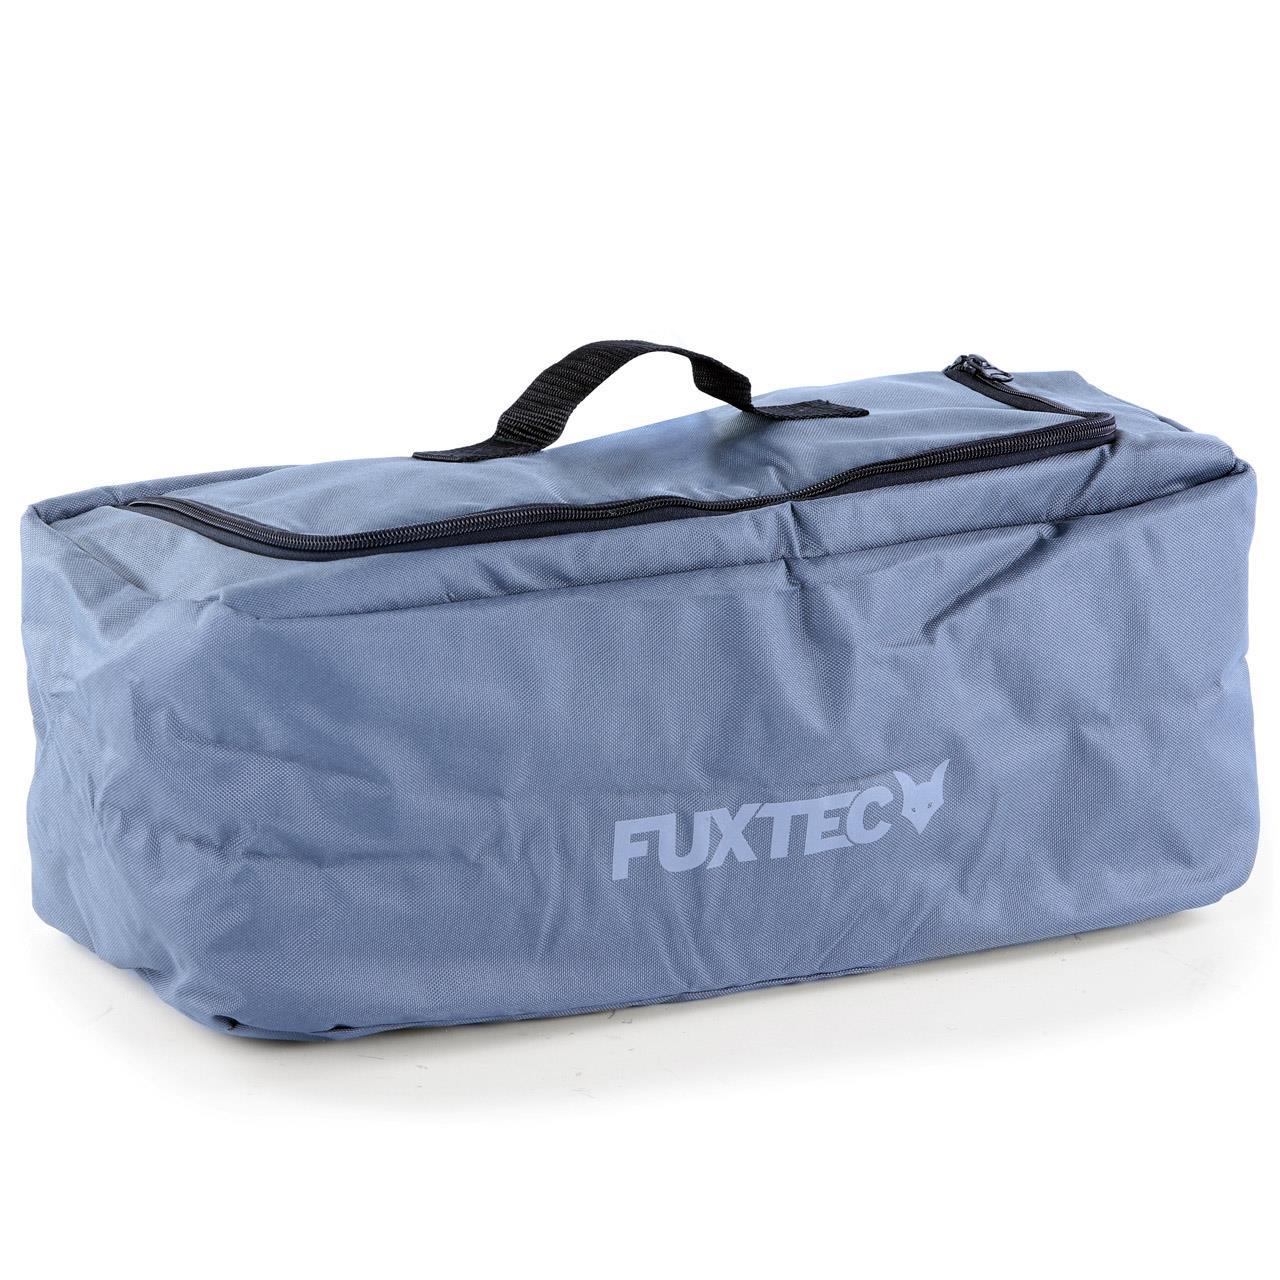 FUXTEC Kühltasche GRAU für Bollerwagen